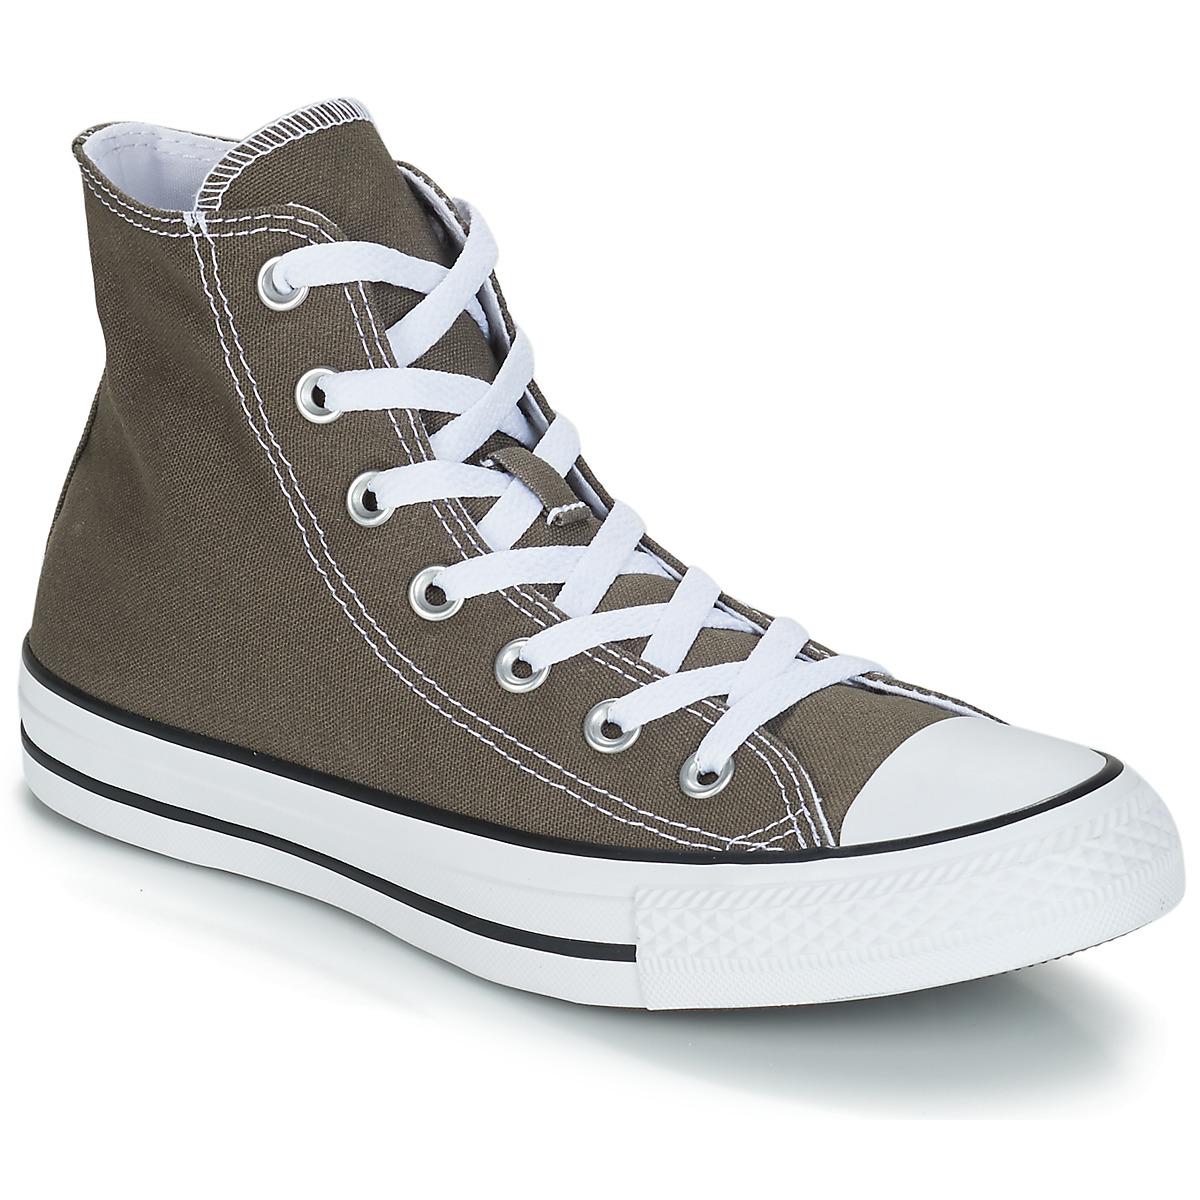 Converse CHUCK TAYLOR ALL STAR SEAS HI Anthrazit - Kostenloser Versand bei Spartoode ! - Schuhe Sneaker High  55,99 €